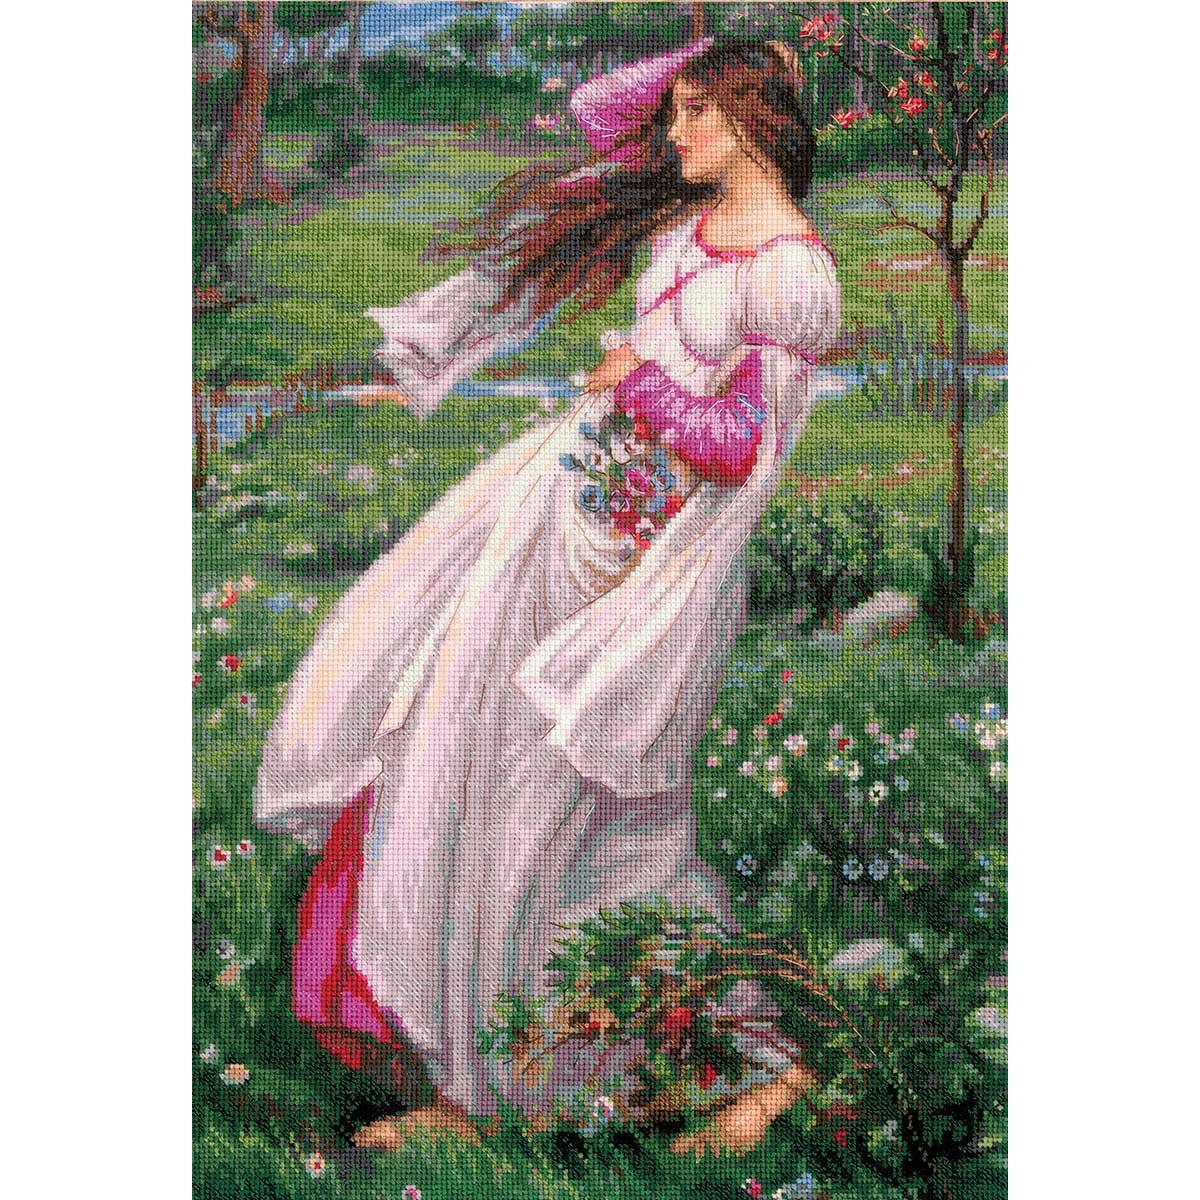 100/055 Частичная вышивка Риолис 'Ветреницы' по мотивам картины Д.У. Уотерхауса' 30*45см